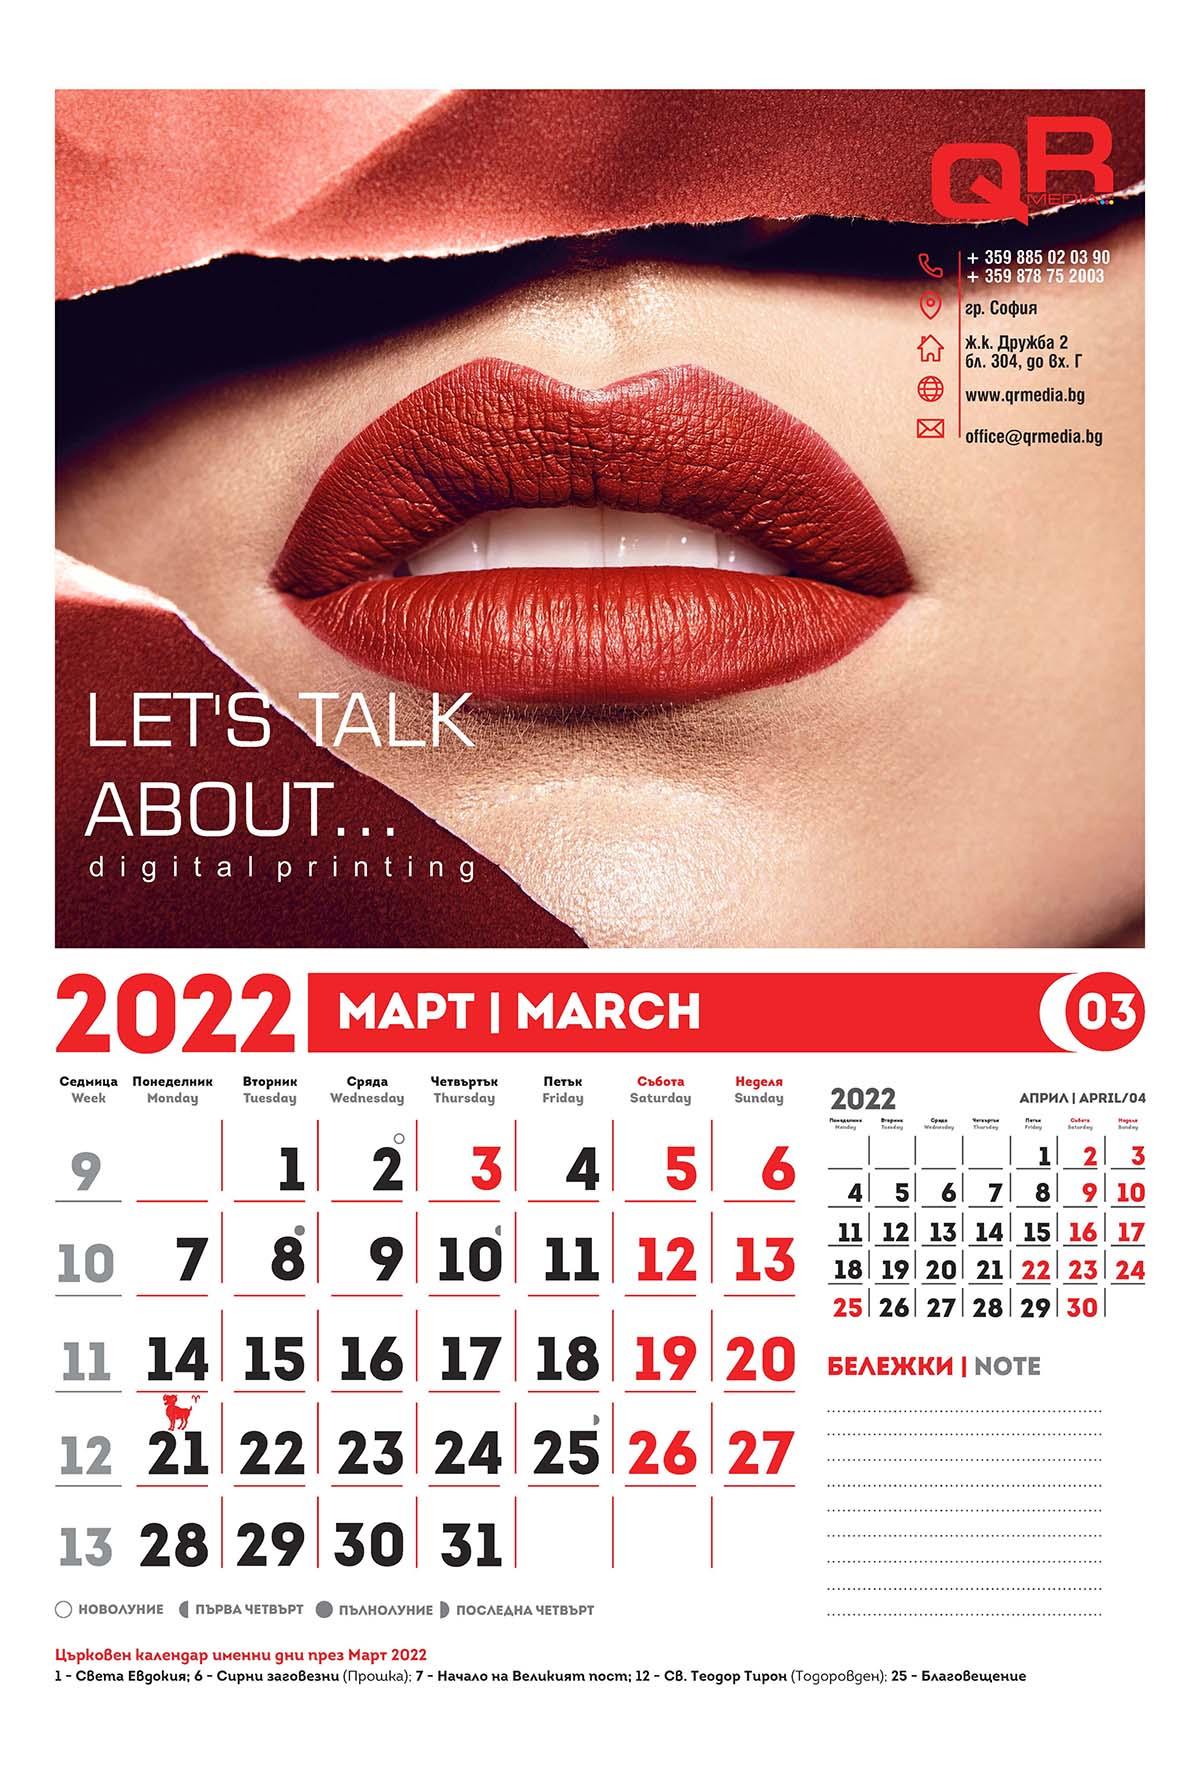 Многолистни календари | QR Media Ltd